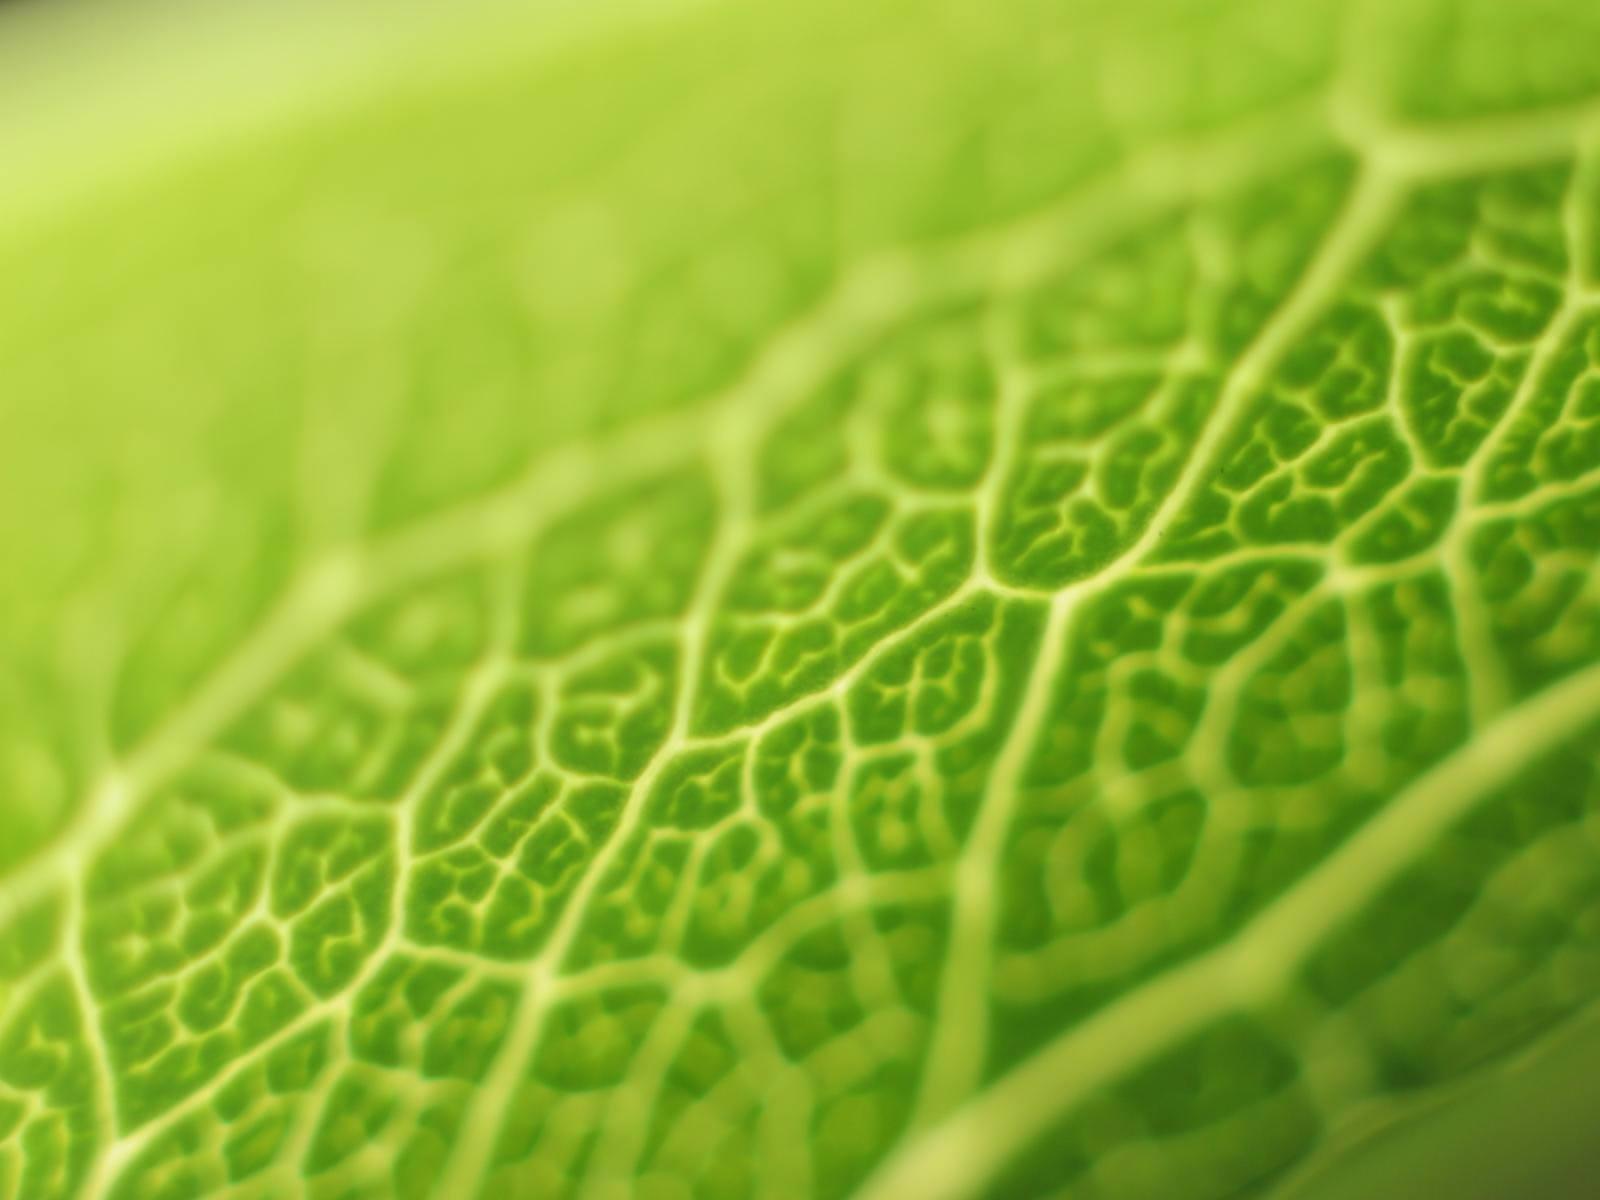 Ricardo Kaka Hd Wallpapers Wallpaper Green Theme